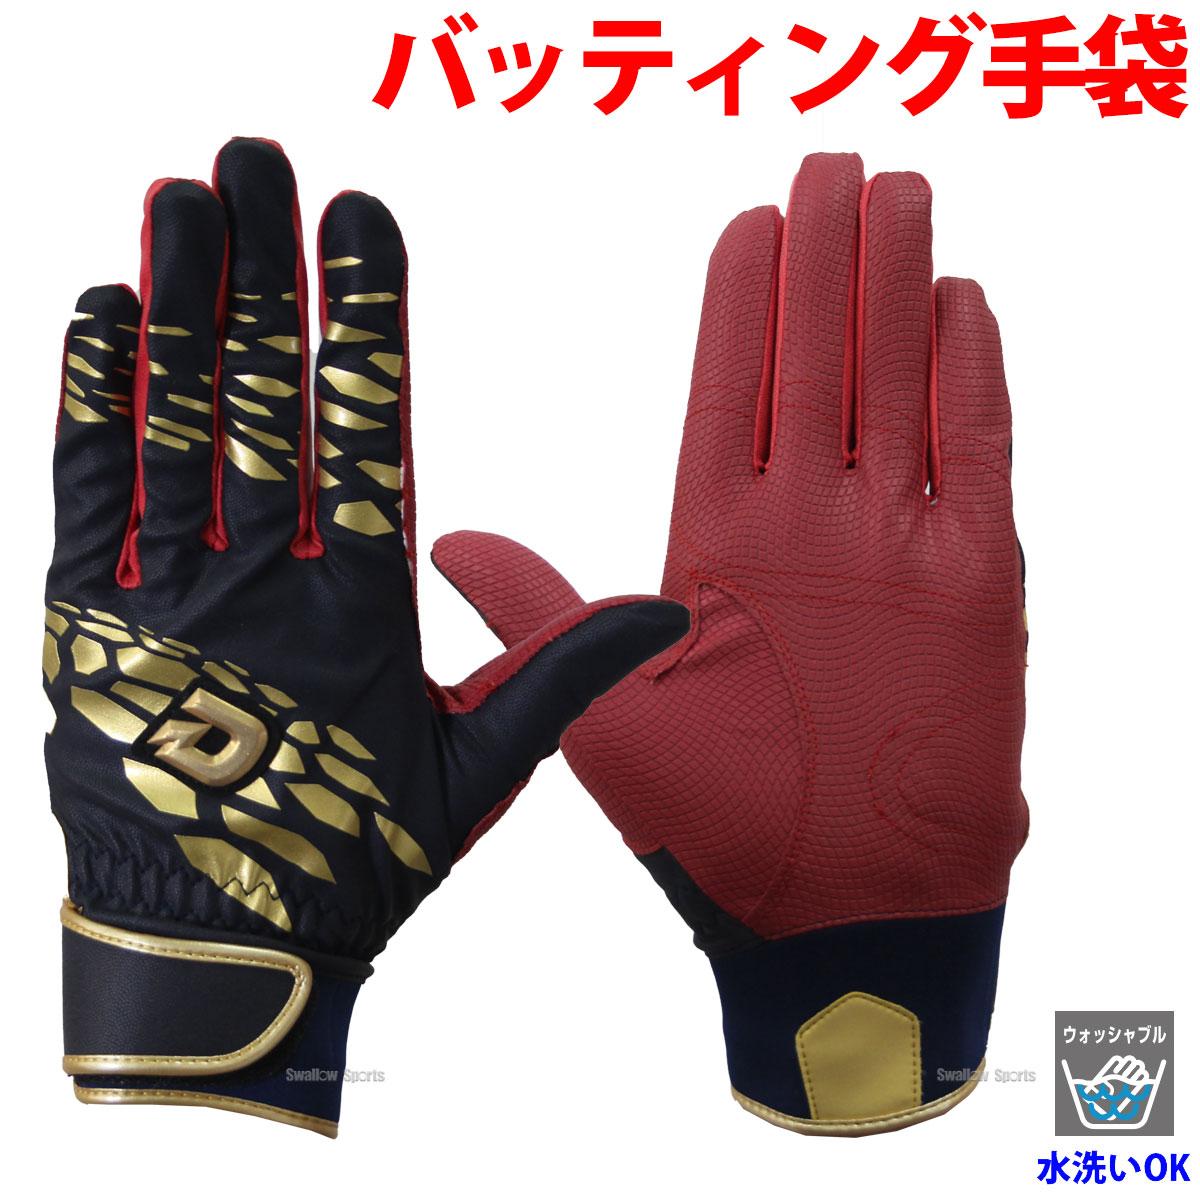 ウィルソン 限定 手袋 ディマリニ バッティング グラブ (両手用) WTABG0609 バッティンググラブ バッティンググローブ 野球用品 スワロースポーツ